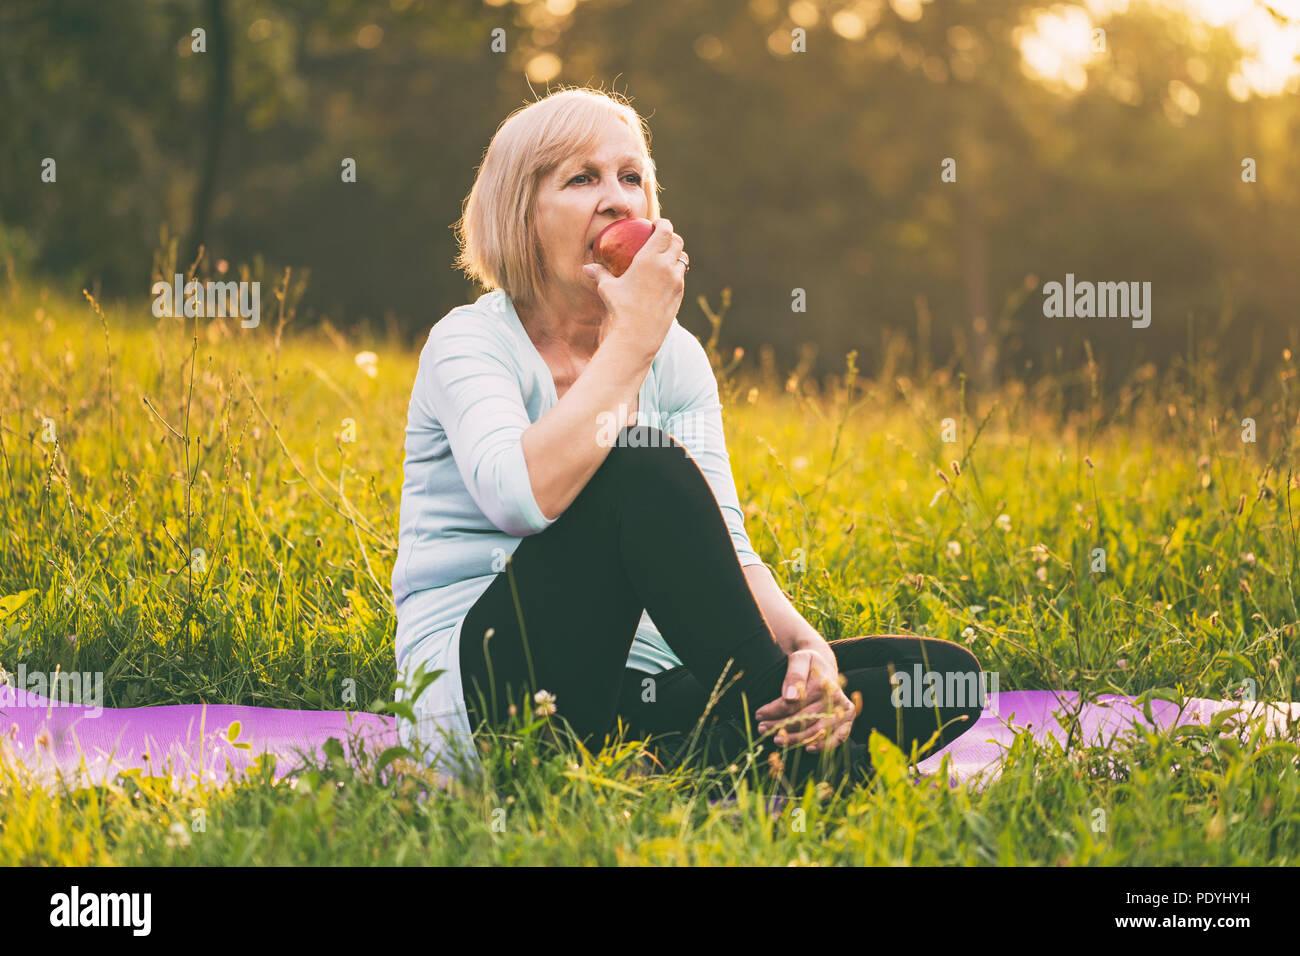 Active Senior Frau essen Apple nach Übung. Bild ist absichtlich abgeschwächt. Stockbild